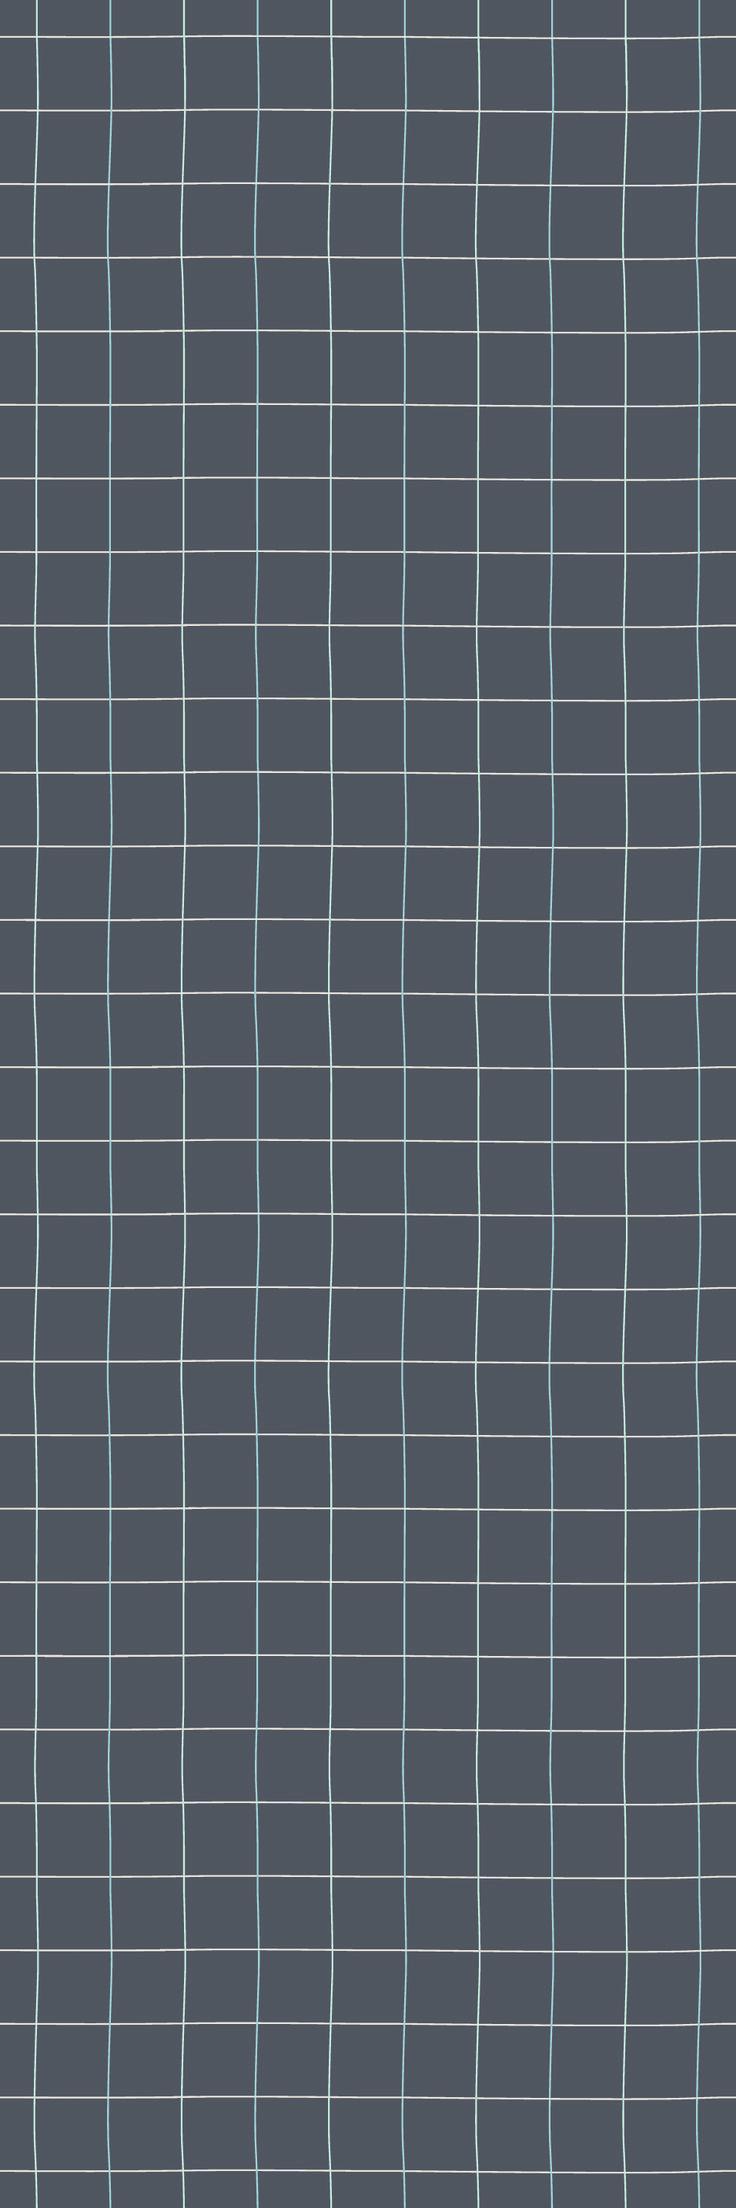 Custom printed Tiles wallpaper #tiles #wallpaper #muurgraphics